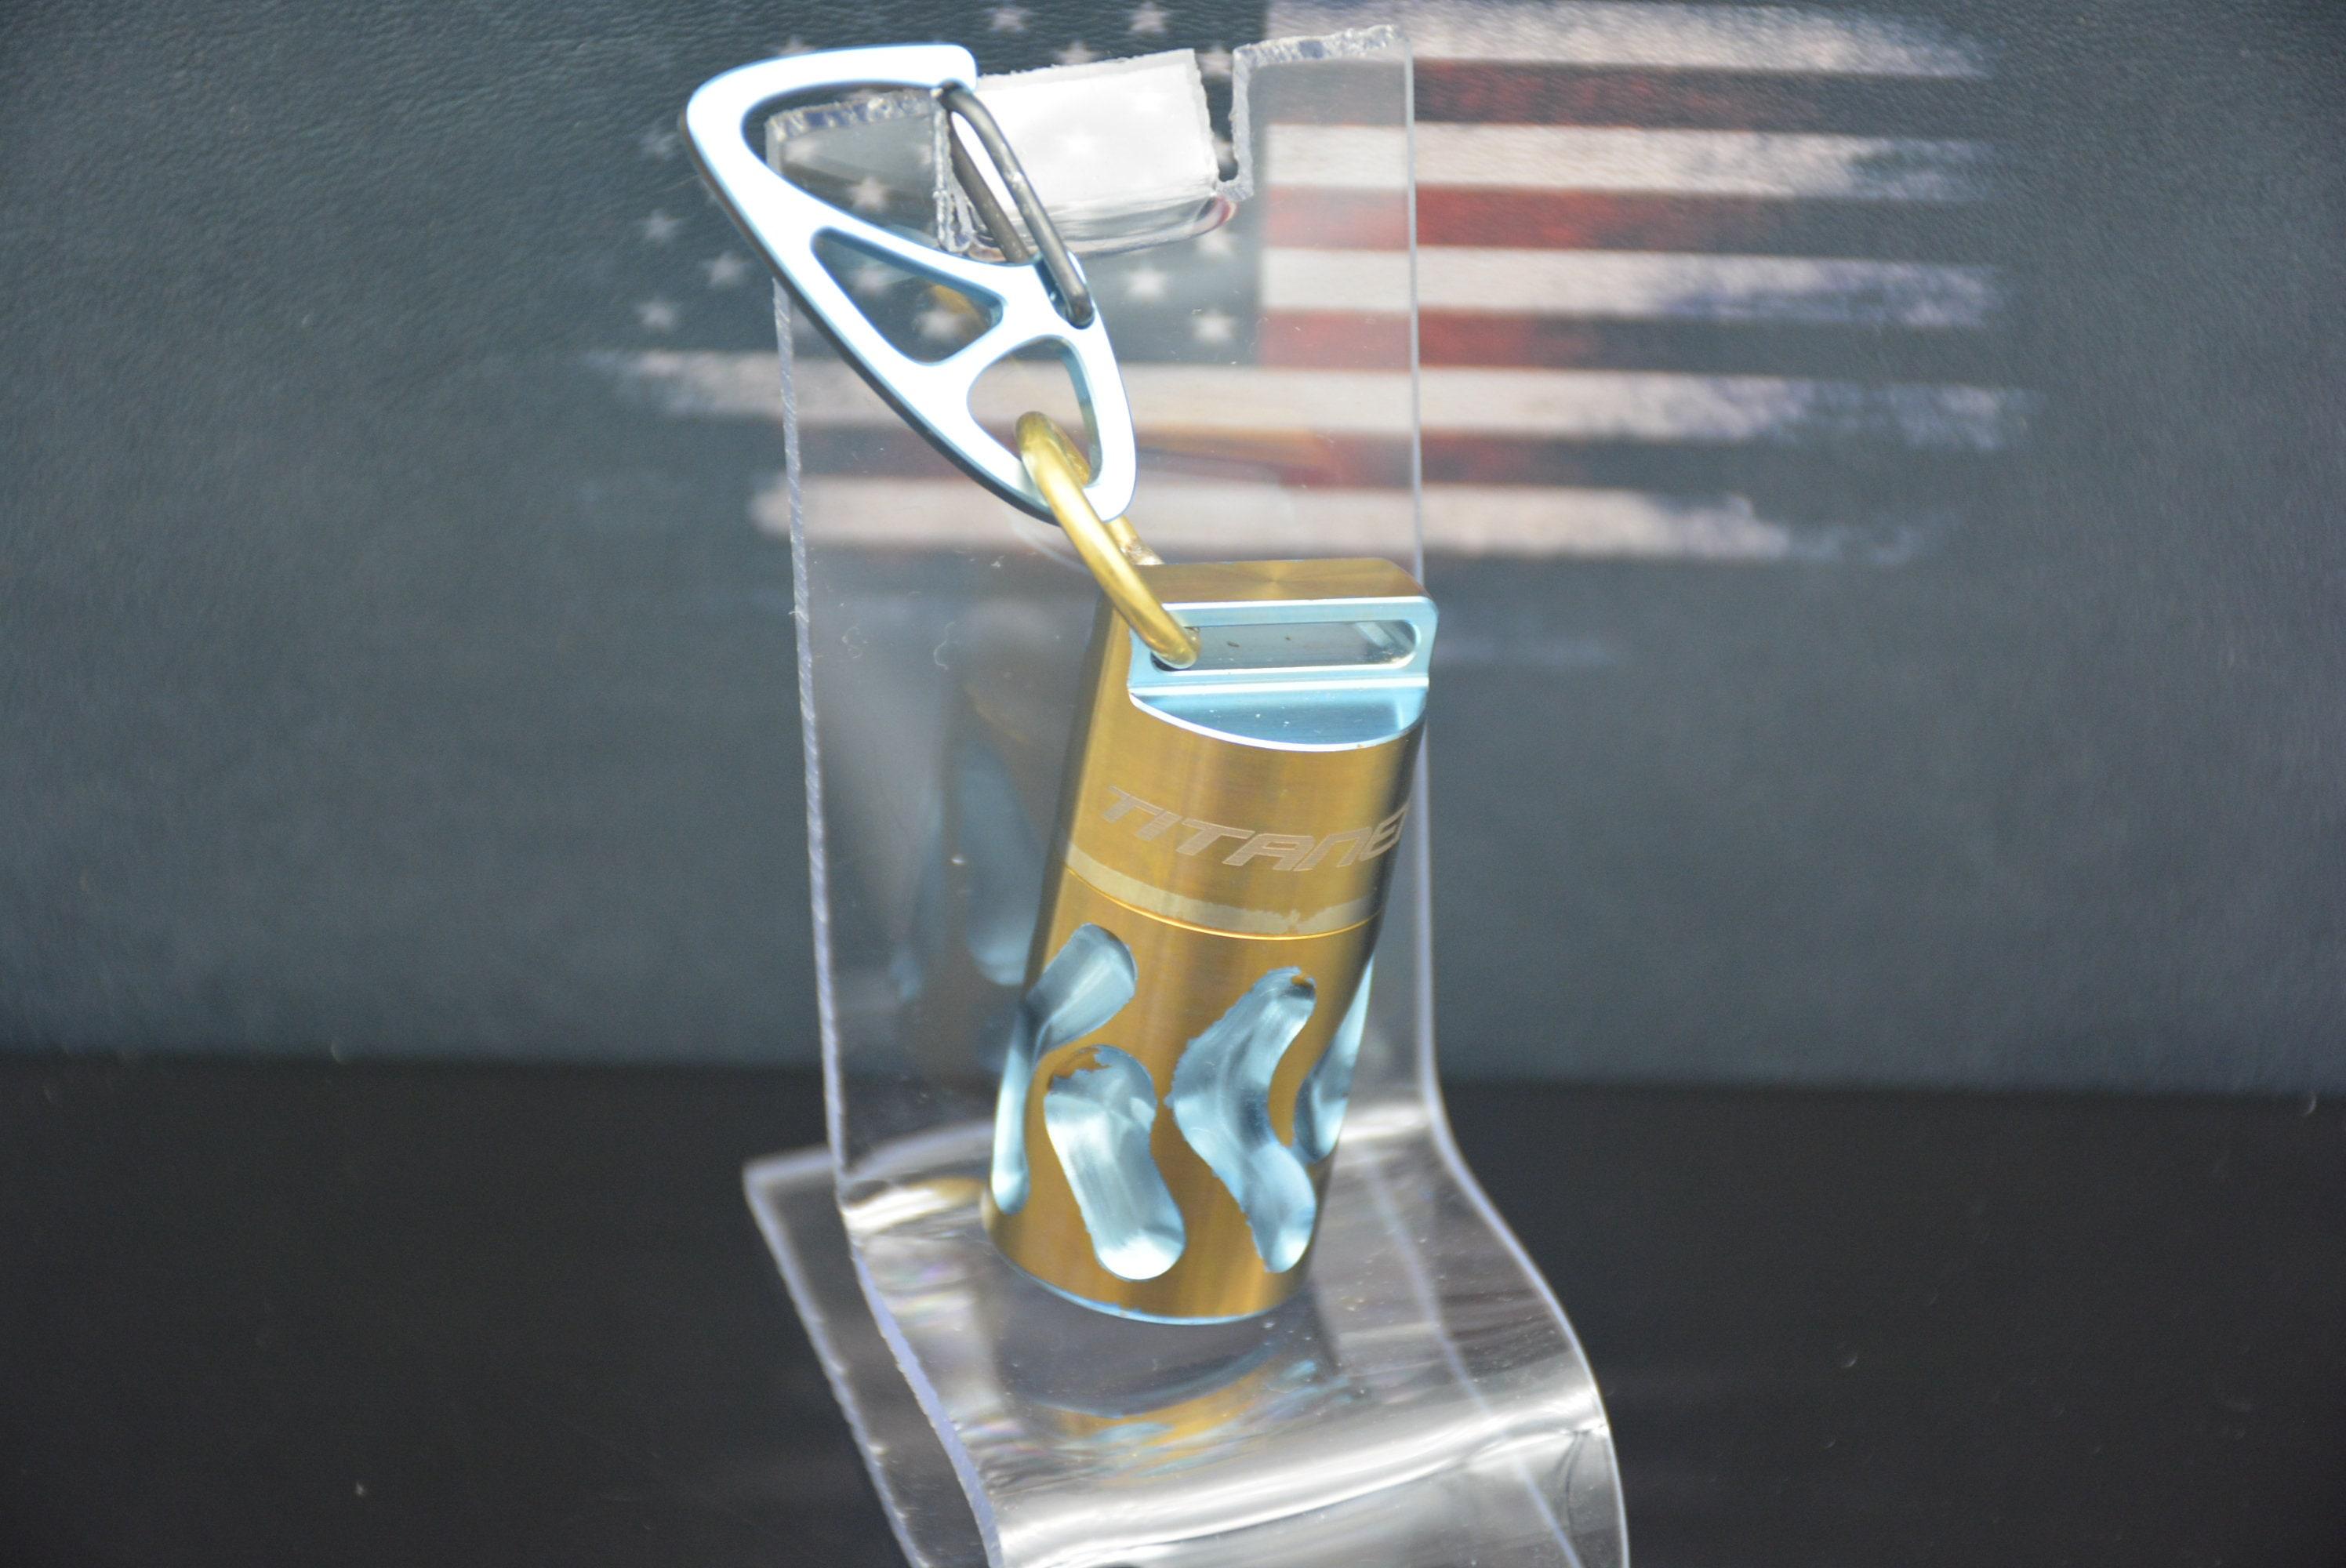 Titaner miel doré personnalisé et pilule bleue clair Capsule Capsule Capsule - II c78d1b